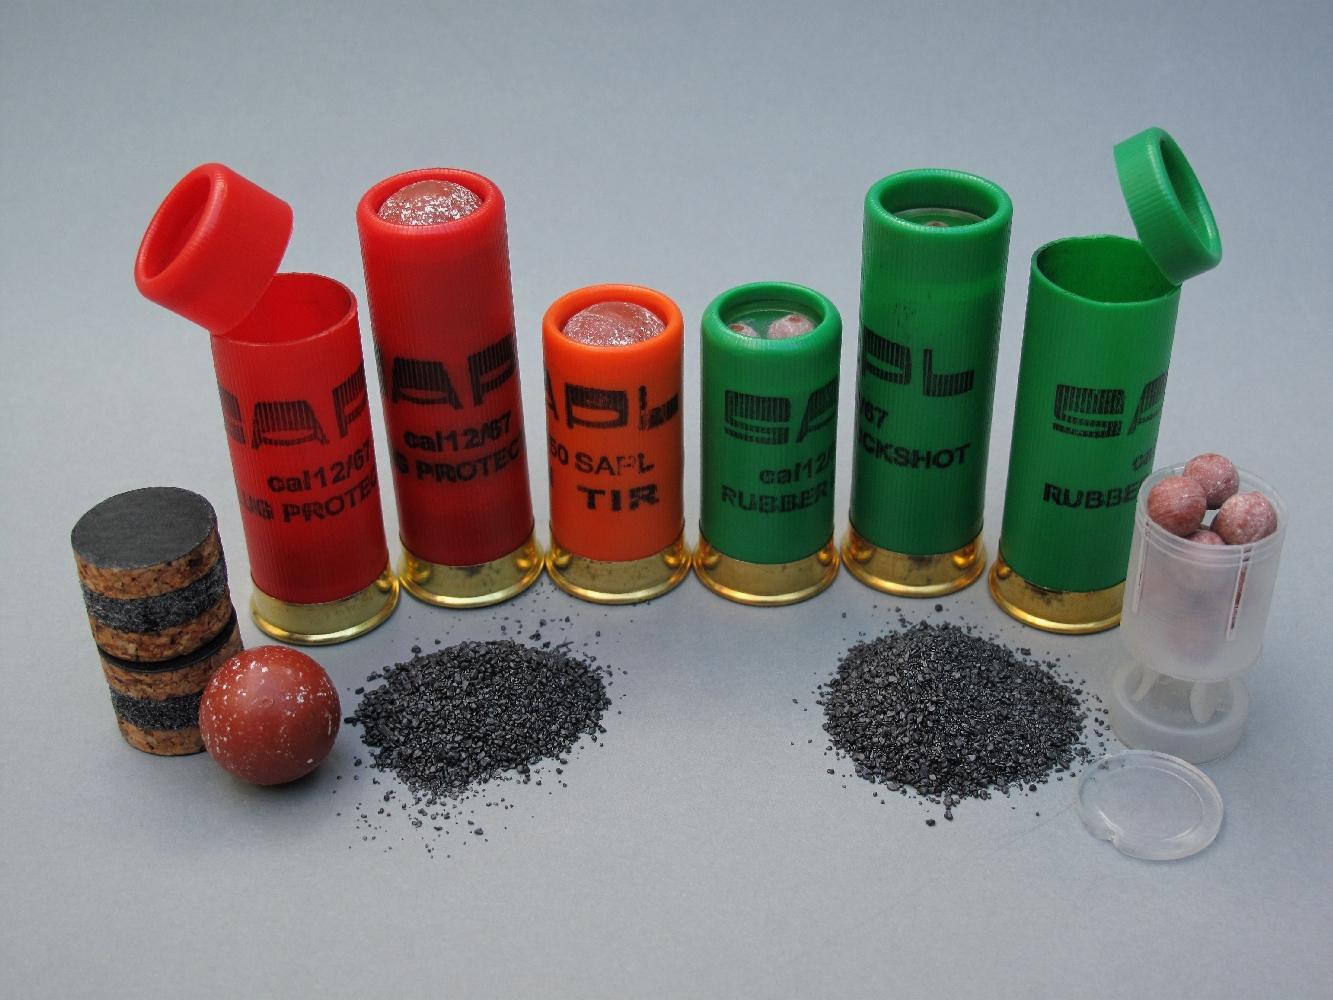 Fabriquées par la maison française SAPL (Société d'Application des Procédés Lefebvre), les cartouches Gomm-Cogne de calibre 12/67, qui peuvent être tirées dans tous les fusils de chasse de calibre 12 et Mini Gomm-Cogne de calibre 12/50, destinées aux pistolets (GC27 et GC54) sont commercialisées chacune en deux versions : balle caoutchouc et chevrotine caoutchouc 12 grains.